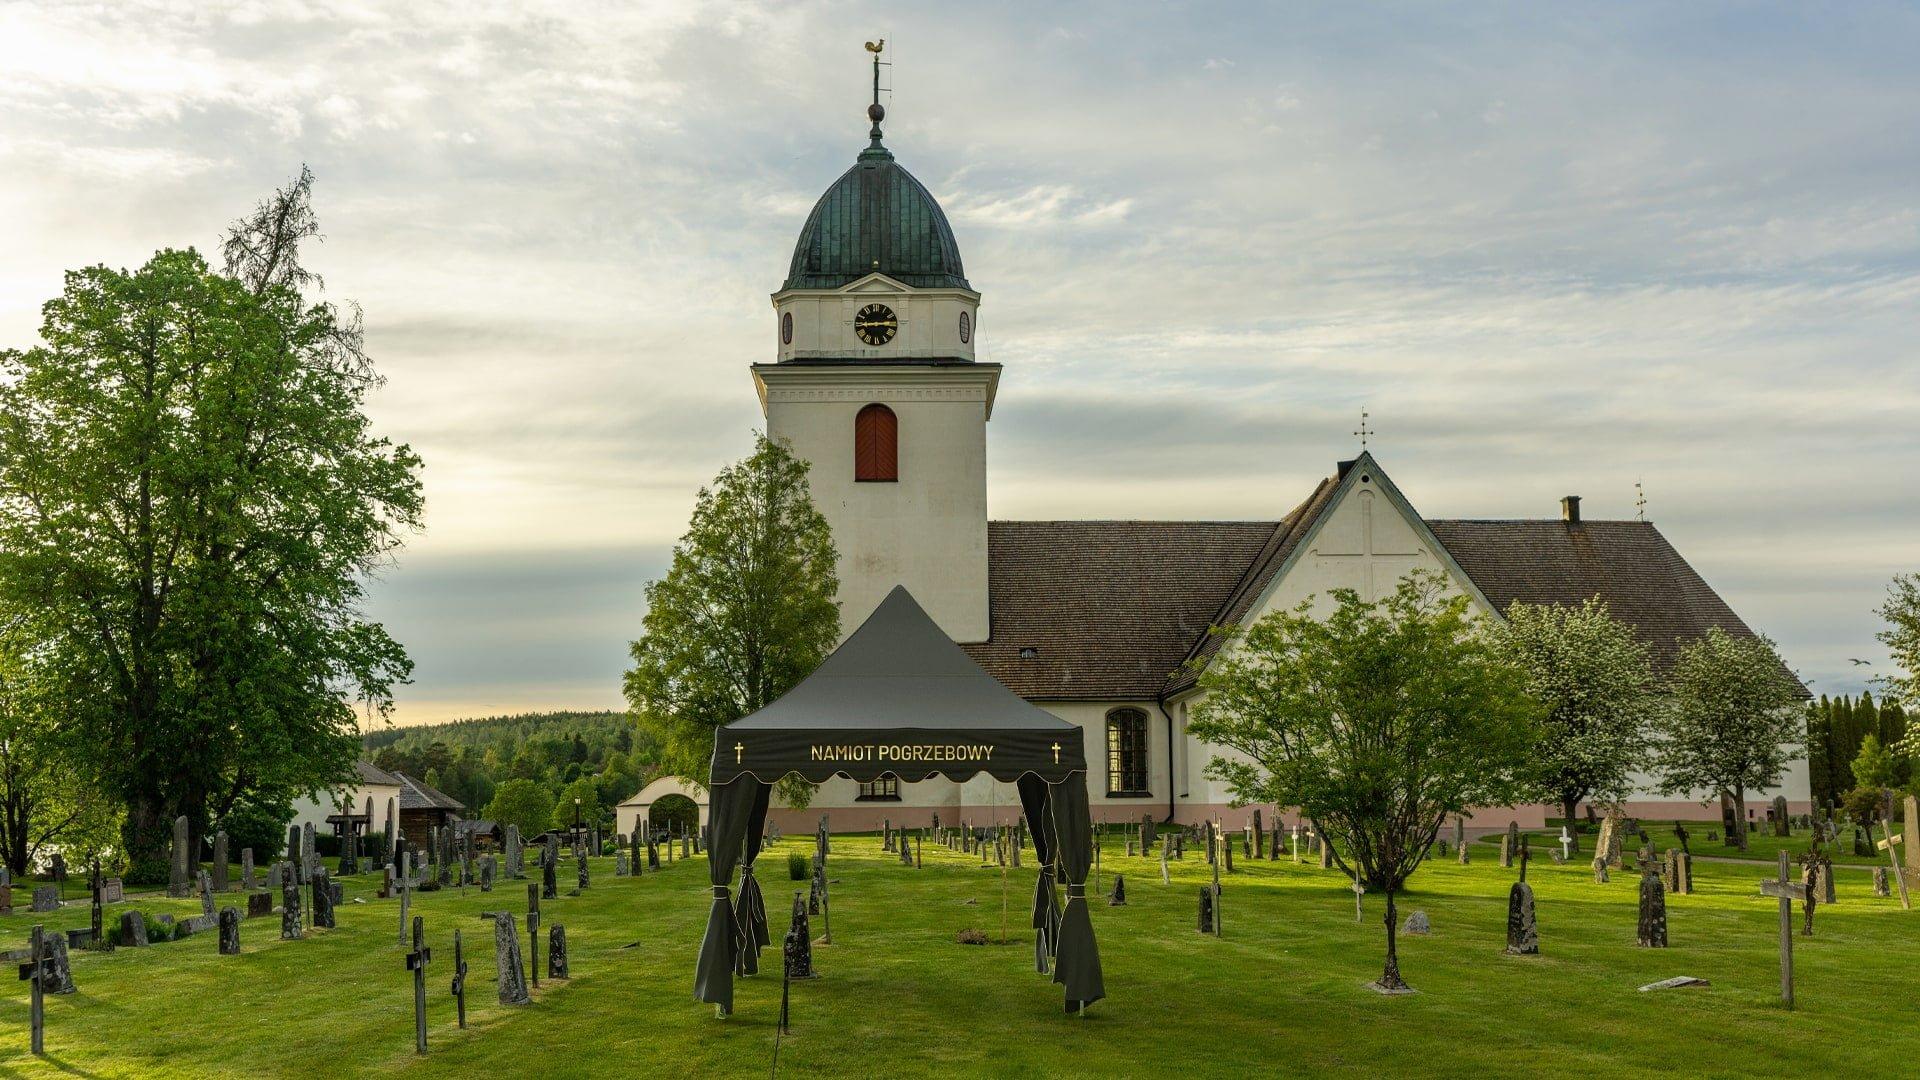 Namiot do Ceremonii Pogrzebowej - cmentarz